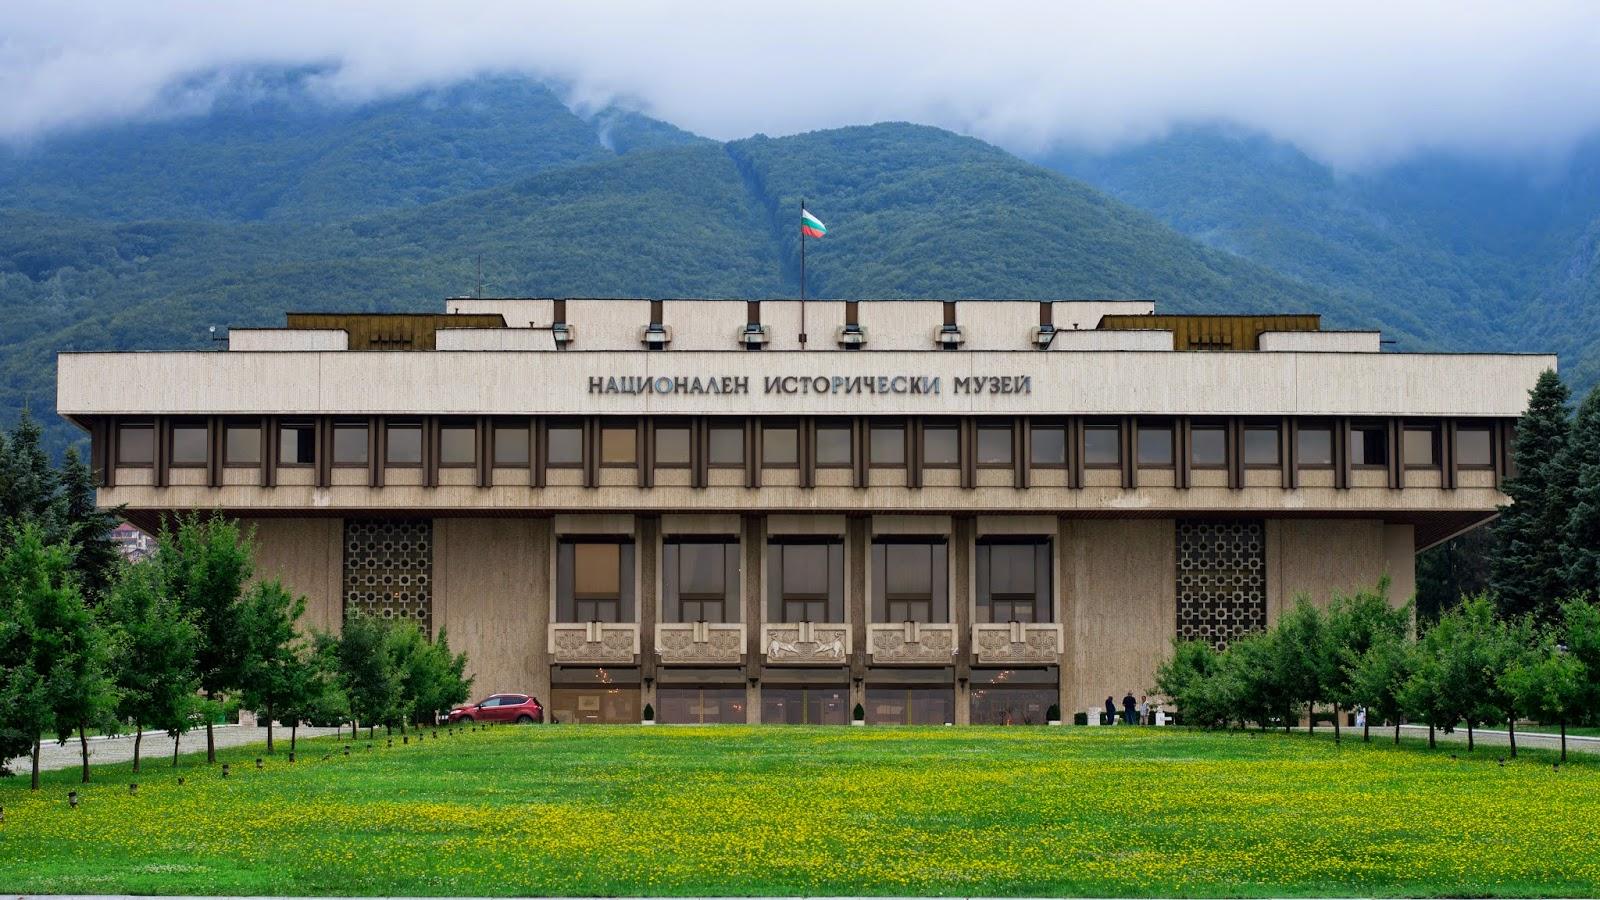 Istoricheski Musei